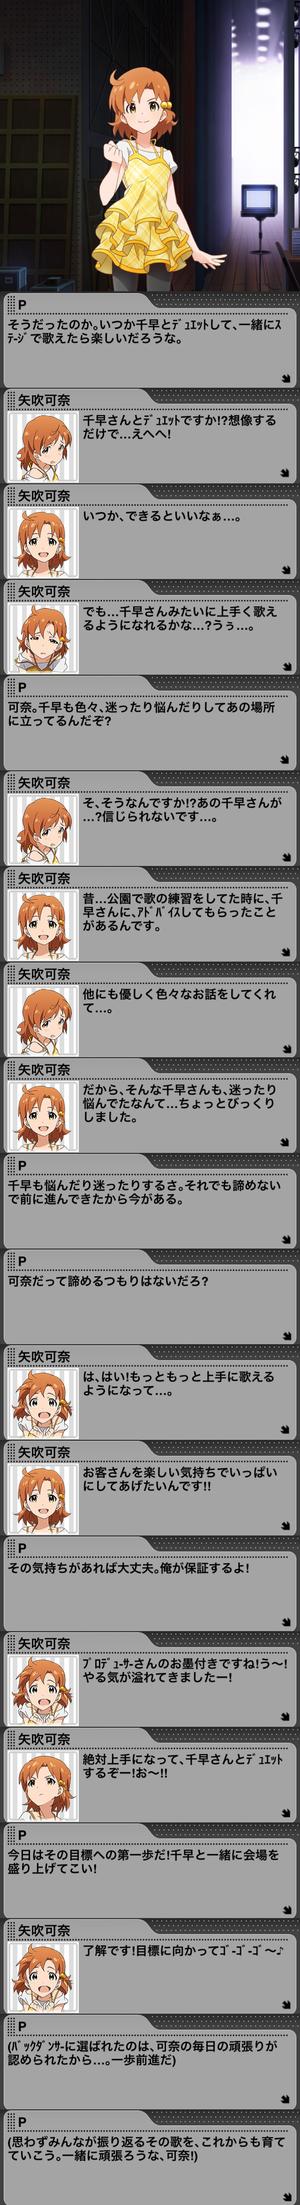 可奈アイドルストーリーLV6_3